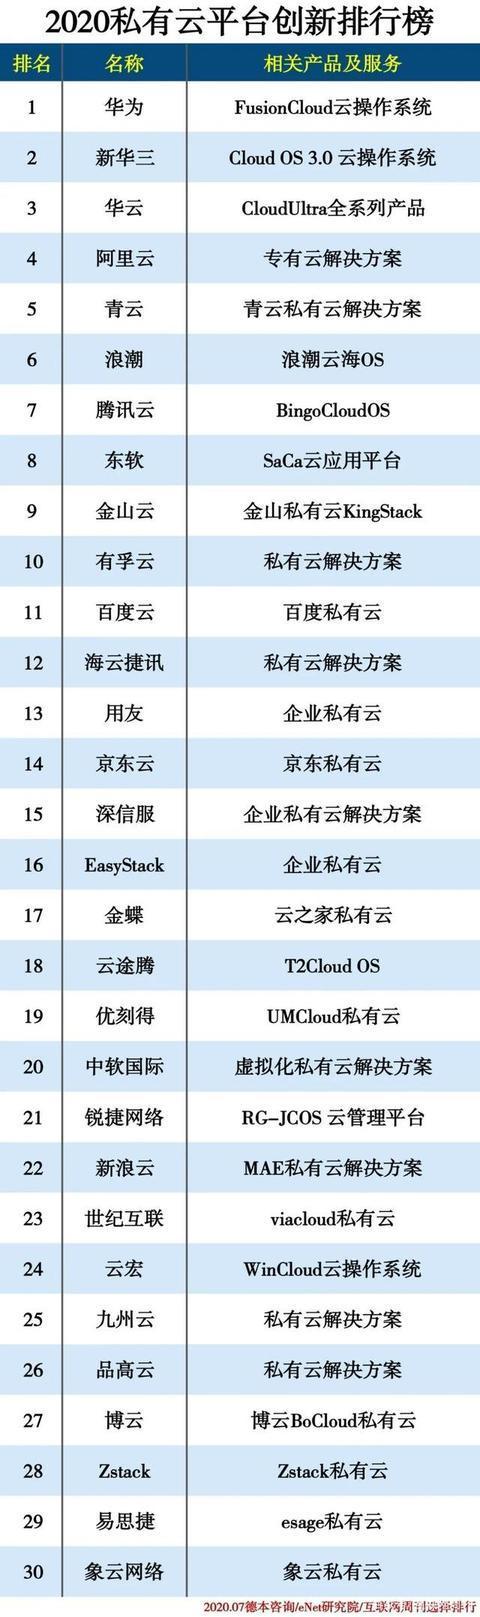 """2020私有云平台创新排行榜发布""""三华""""持续引领中国市场"""